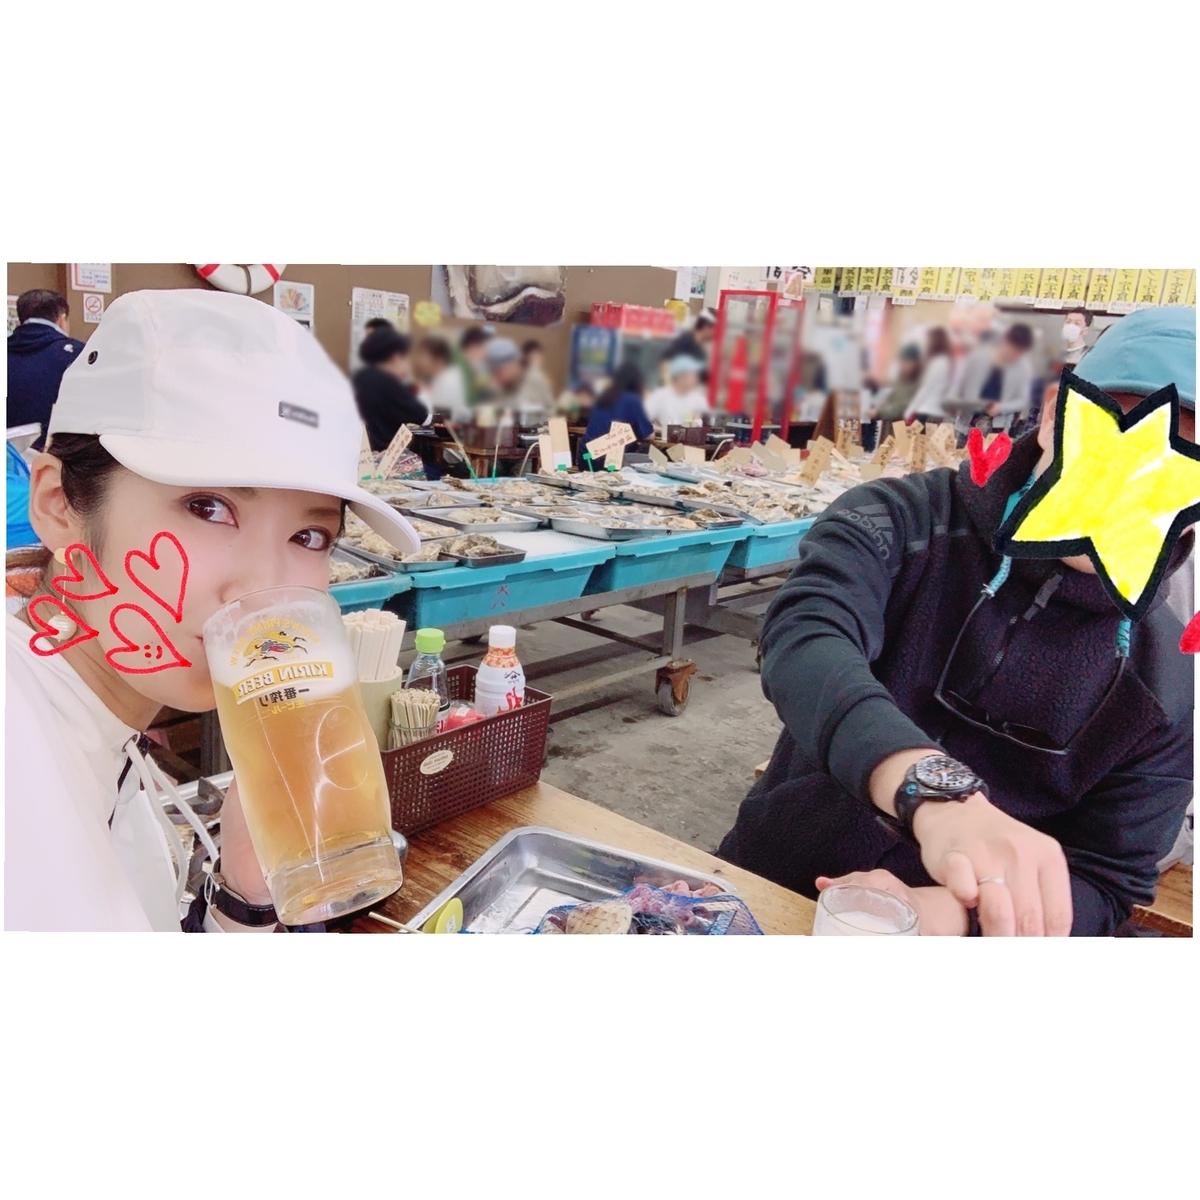 f:id:nonbiri_batako:20190422134935j:plain